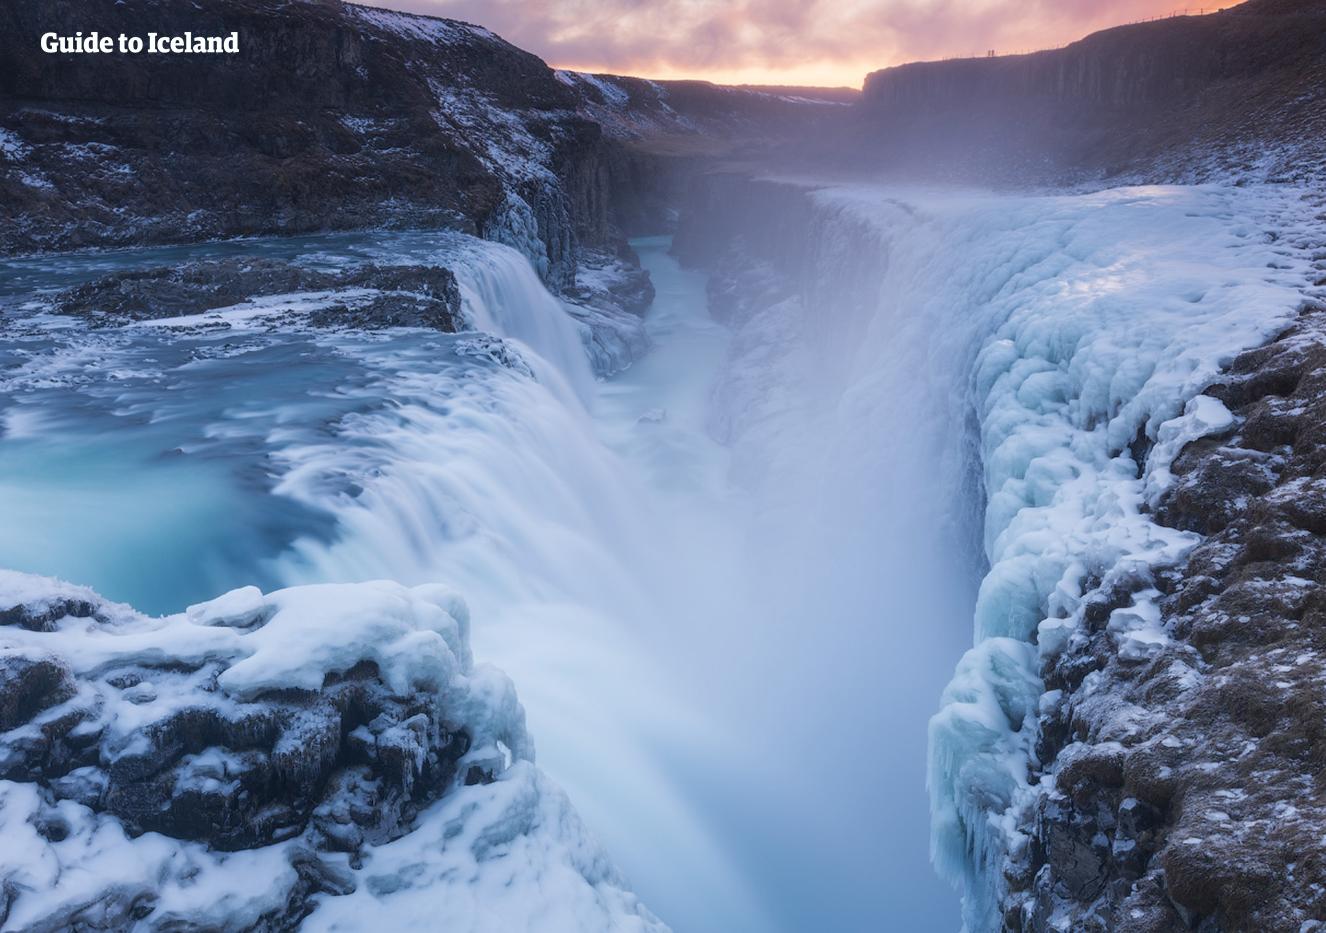 Viaje a tu aire de 10 días con auroras boreales | Rodeando Islandia - day 2